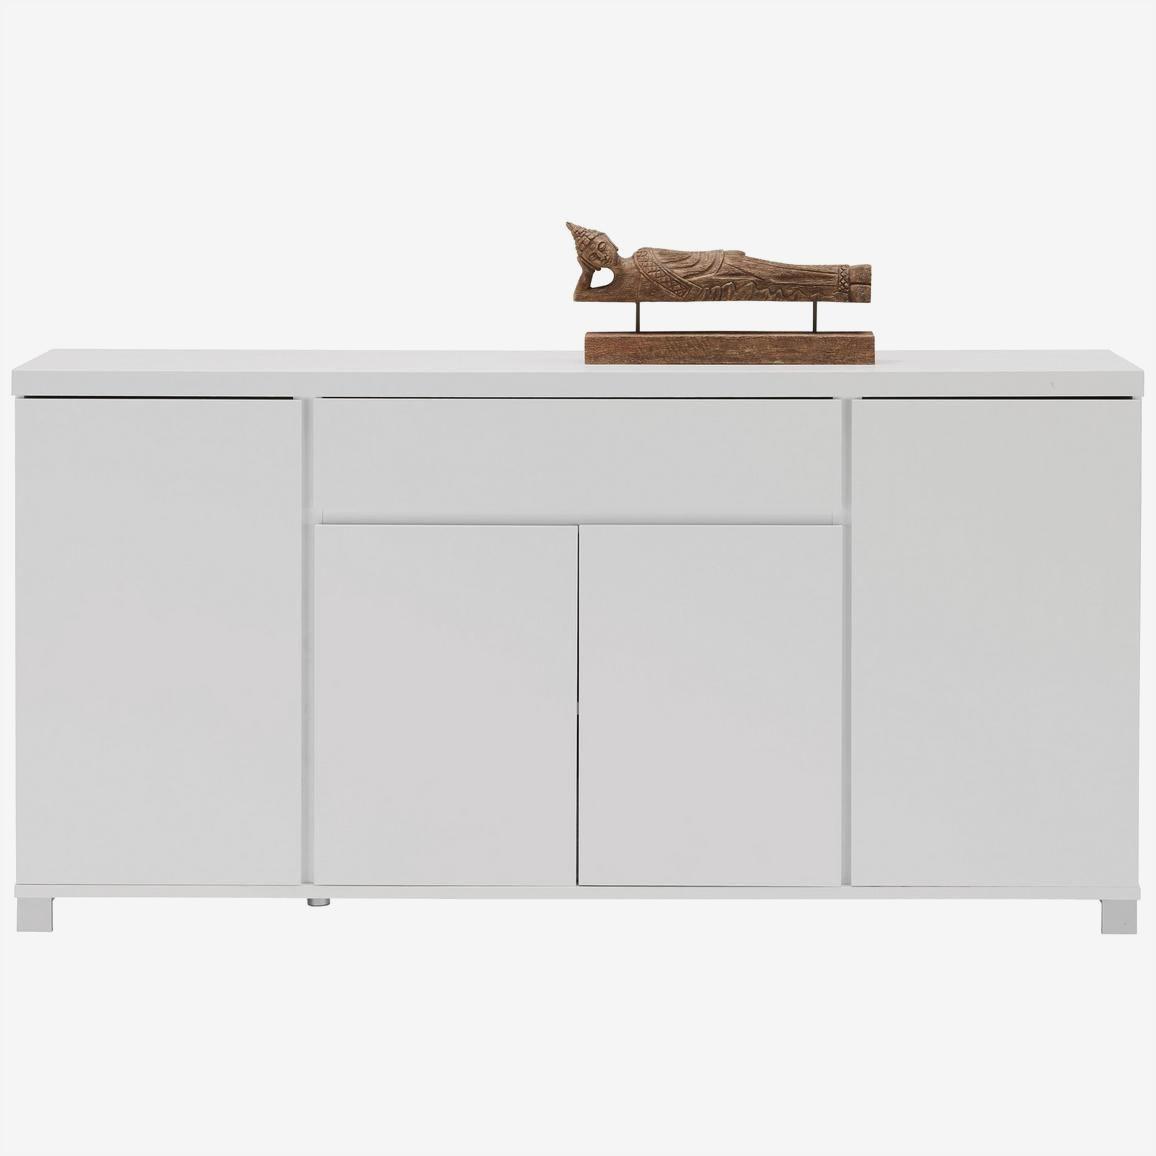 Full Size of Sideboard Esszimmer Ikea Traumhaus Dekoration Betten 160x200 Eckbank Küche Bei Miniküche Kaufen Kosten Sofa Mit Schlaffunktion Modulküche Garten Wohnzimmer Eckbank Ikea